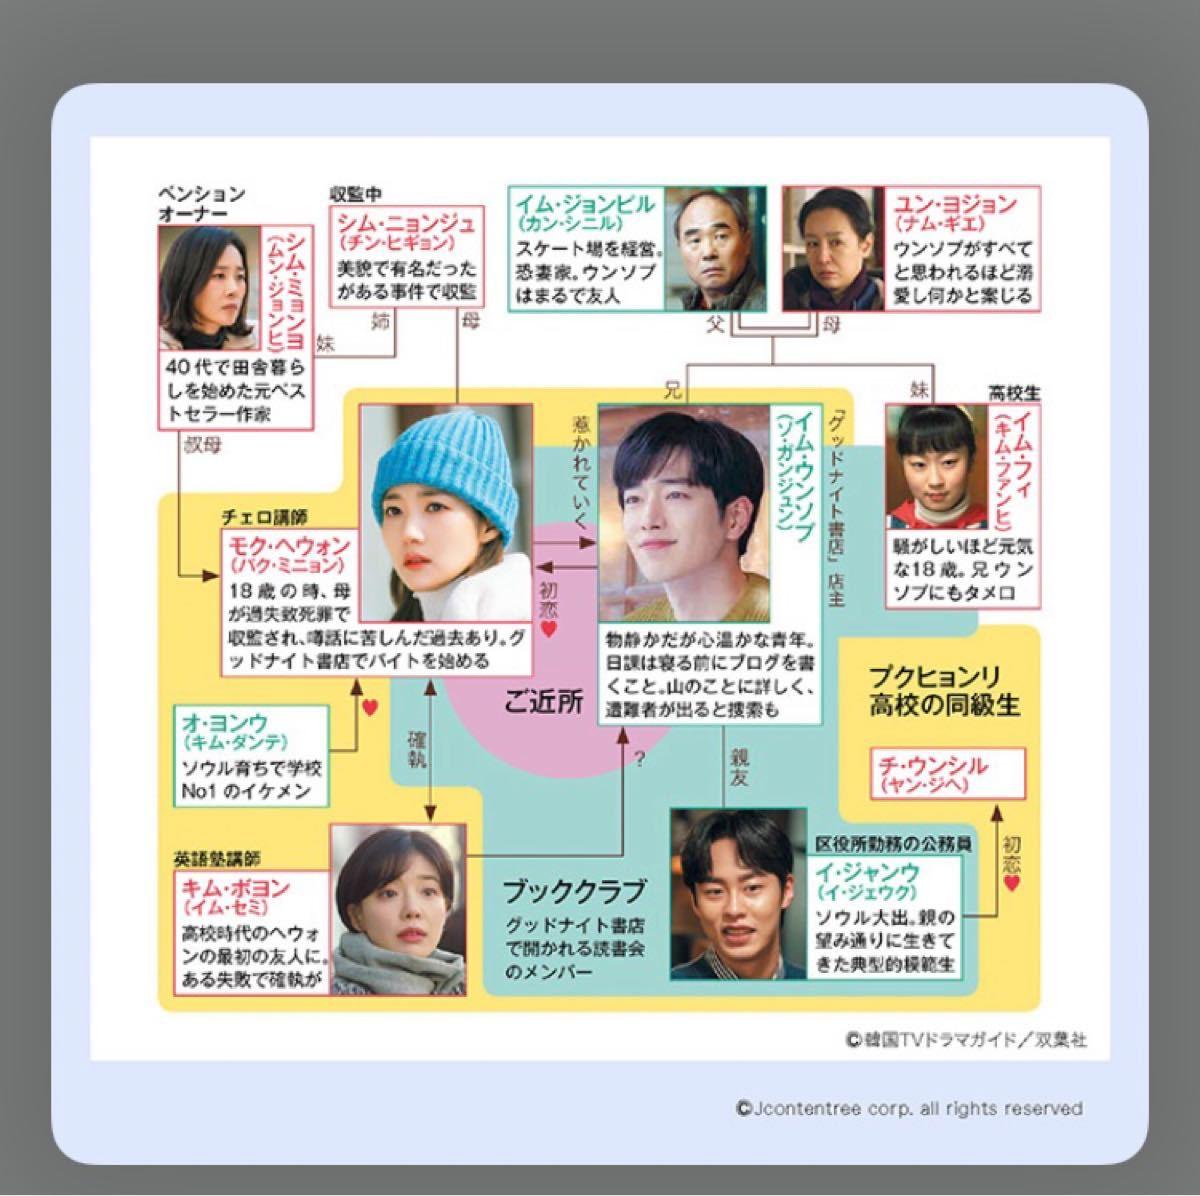 韓国ドラマブルーレイ【天気が良ければ訪ねて行きます】キム秘書のパクミニョン出演